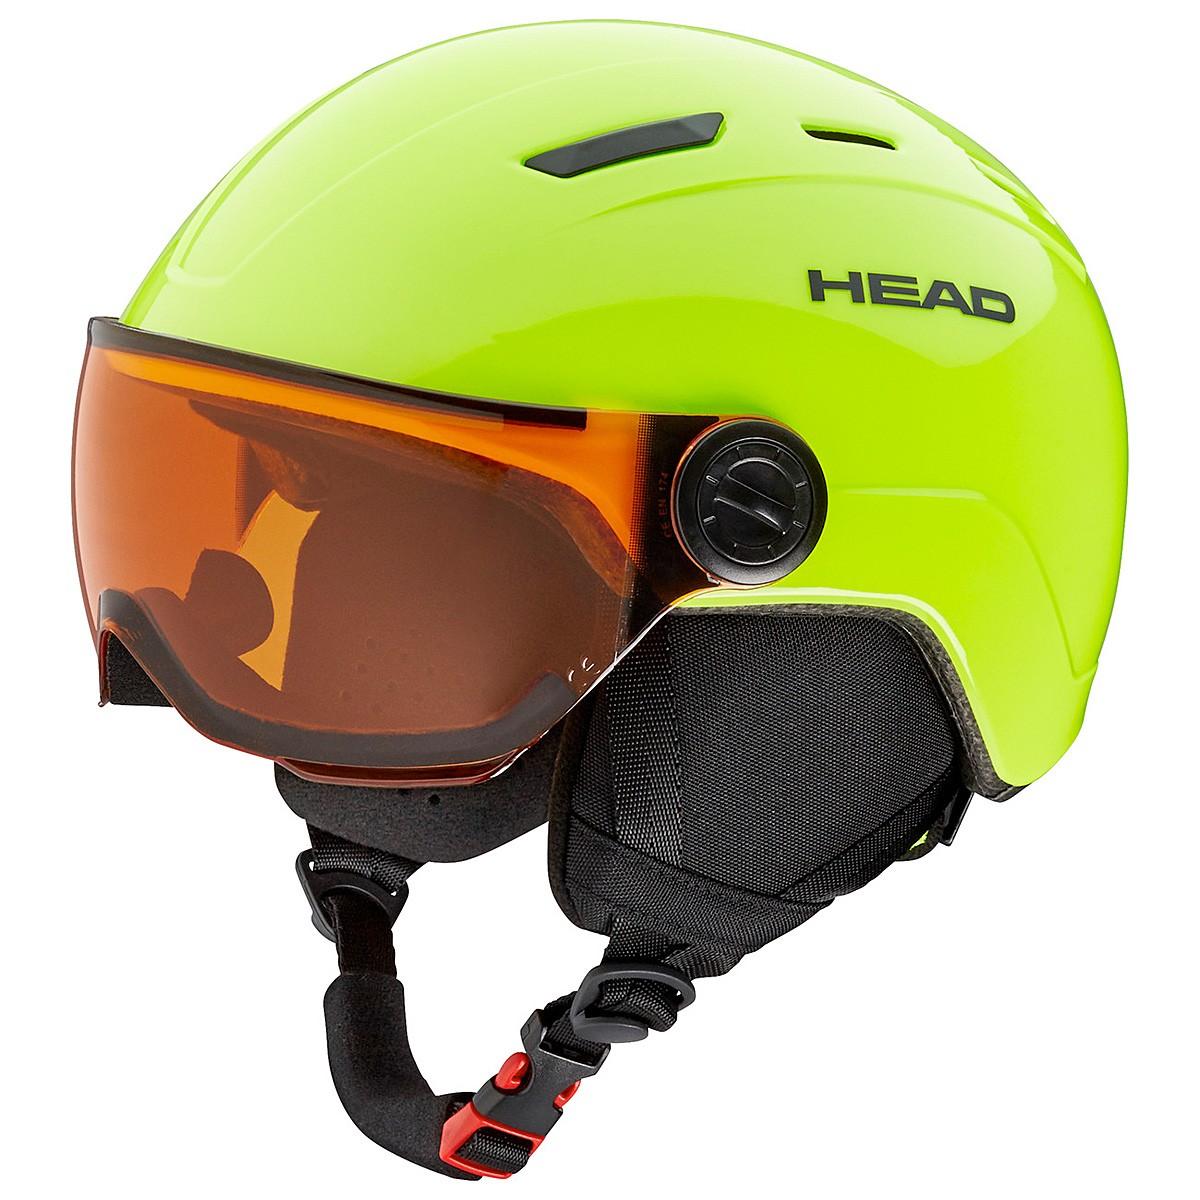 Casco sci Head Mojo Visor (Colore: lime, Taglia: 47/51)